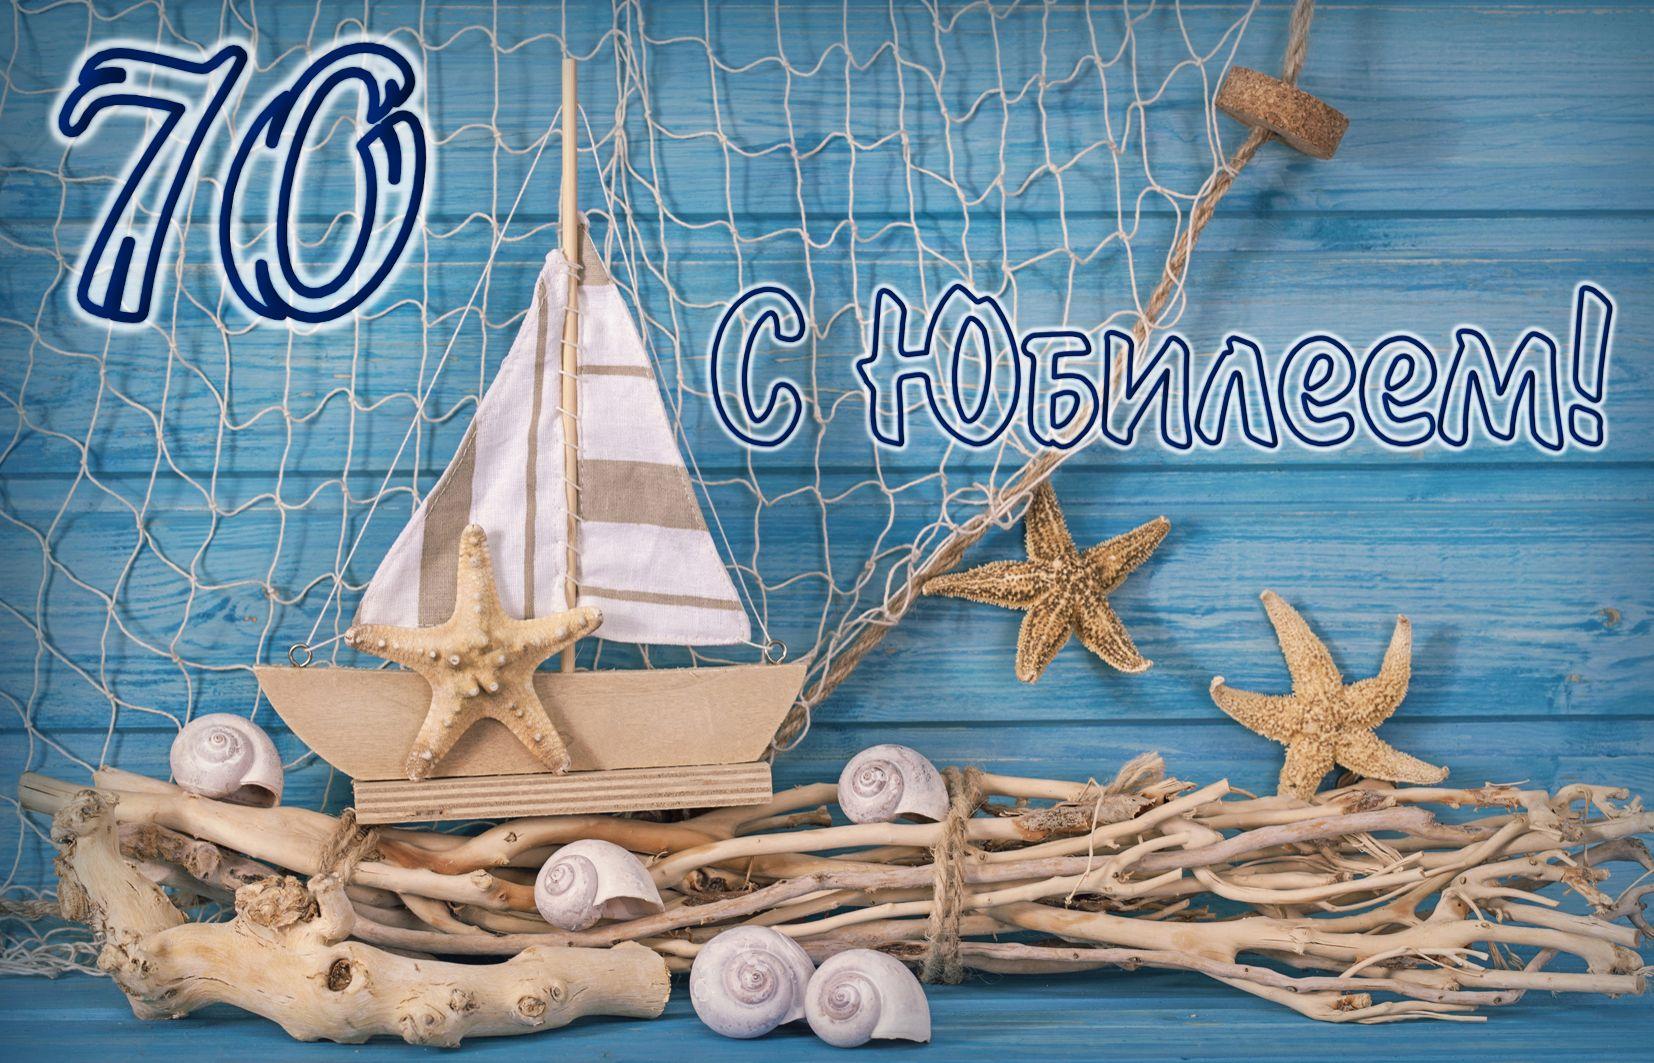 Открытка с корабликом и морскими звездами на юбилей 70 лет